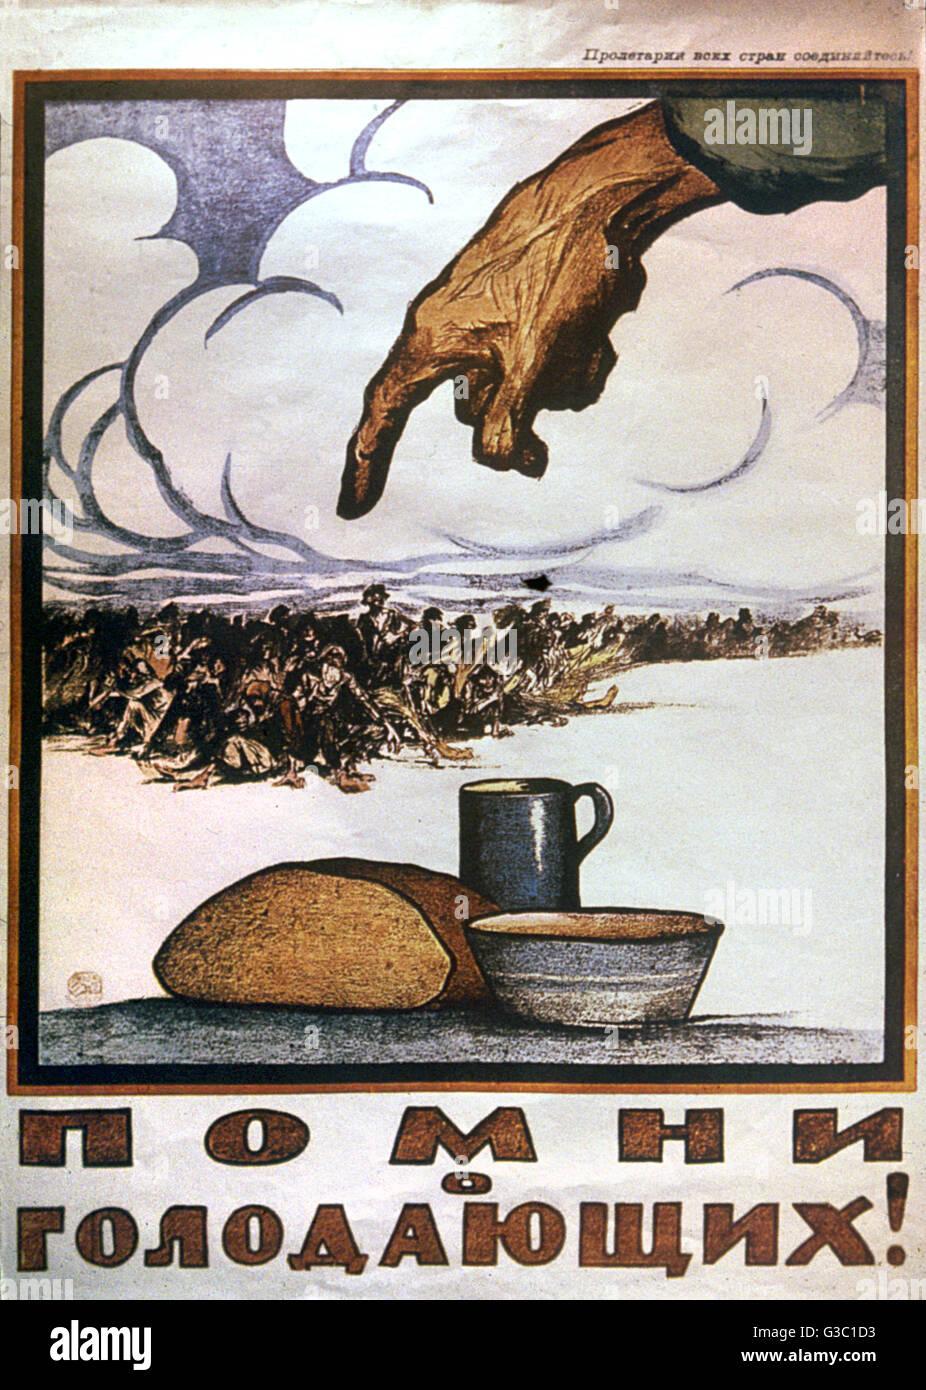 Sowjetische russische Poster, denken Sie daran, diejenigen, die verhungern!     Datum: 1921 Stockbild